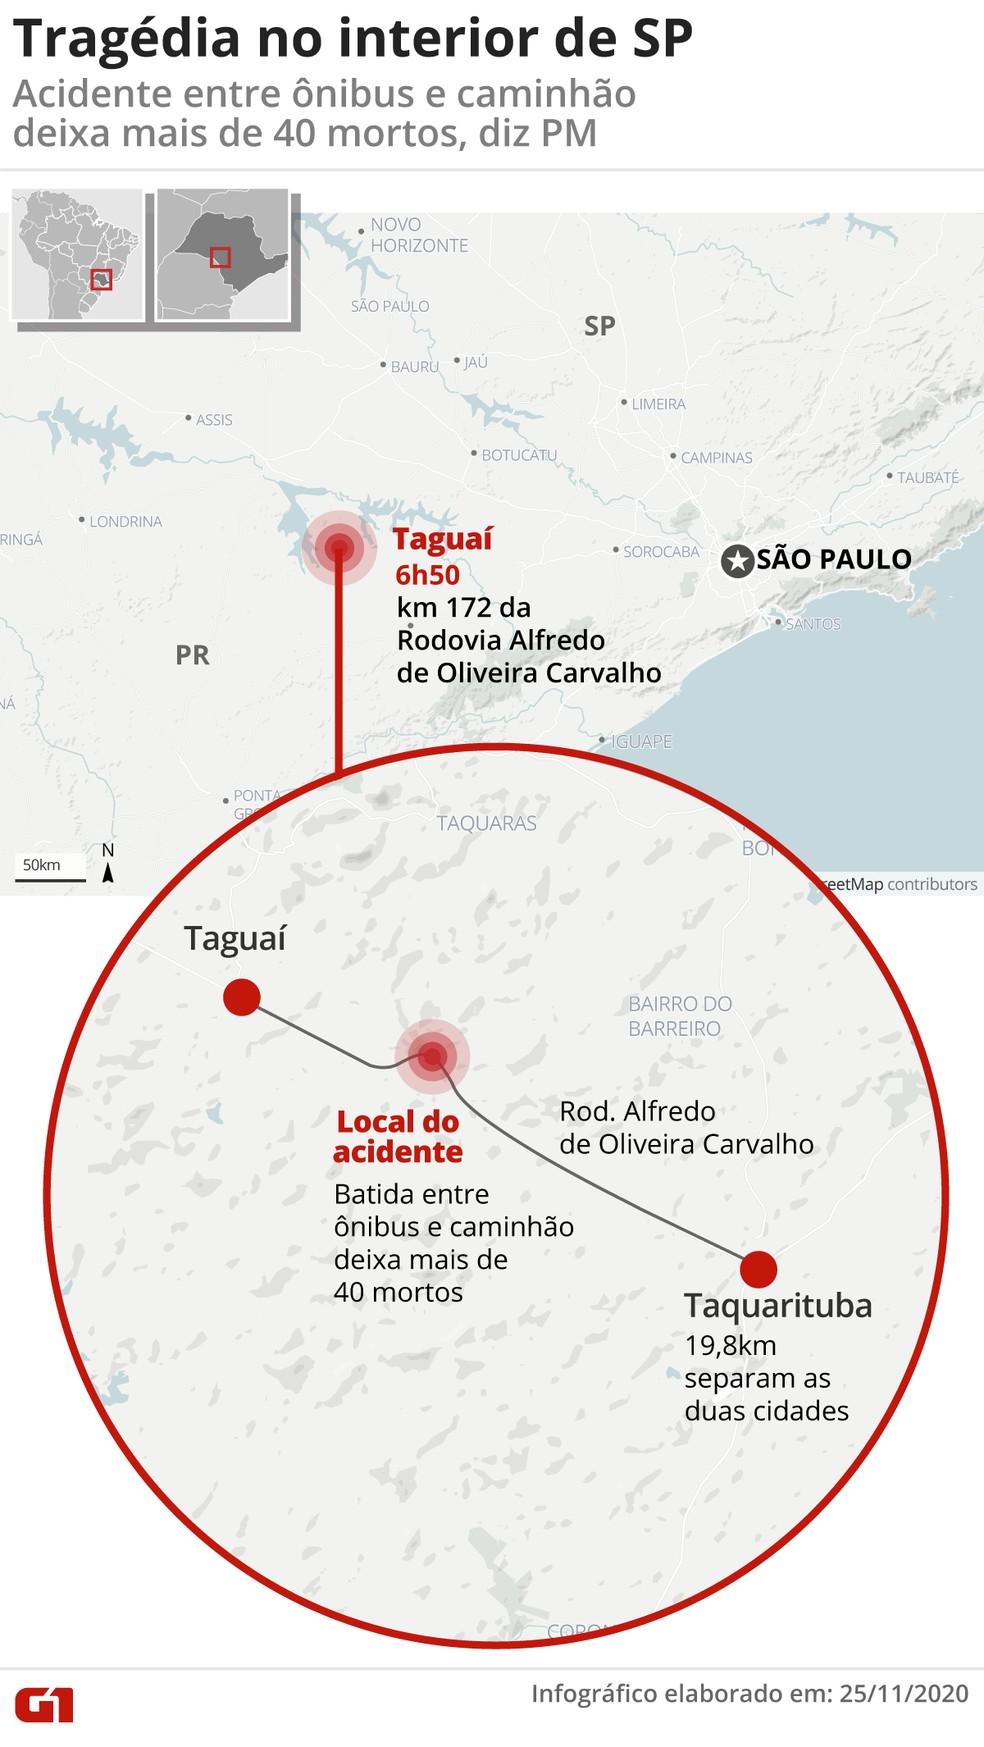 41 morrem em acidente em Taguaí, no interior de SP — Foto: Arte-G1